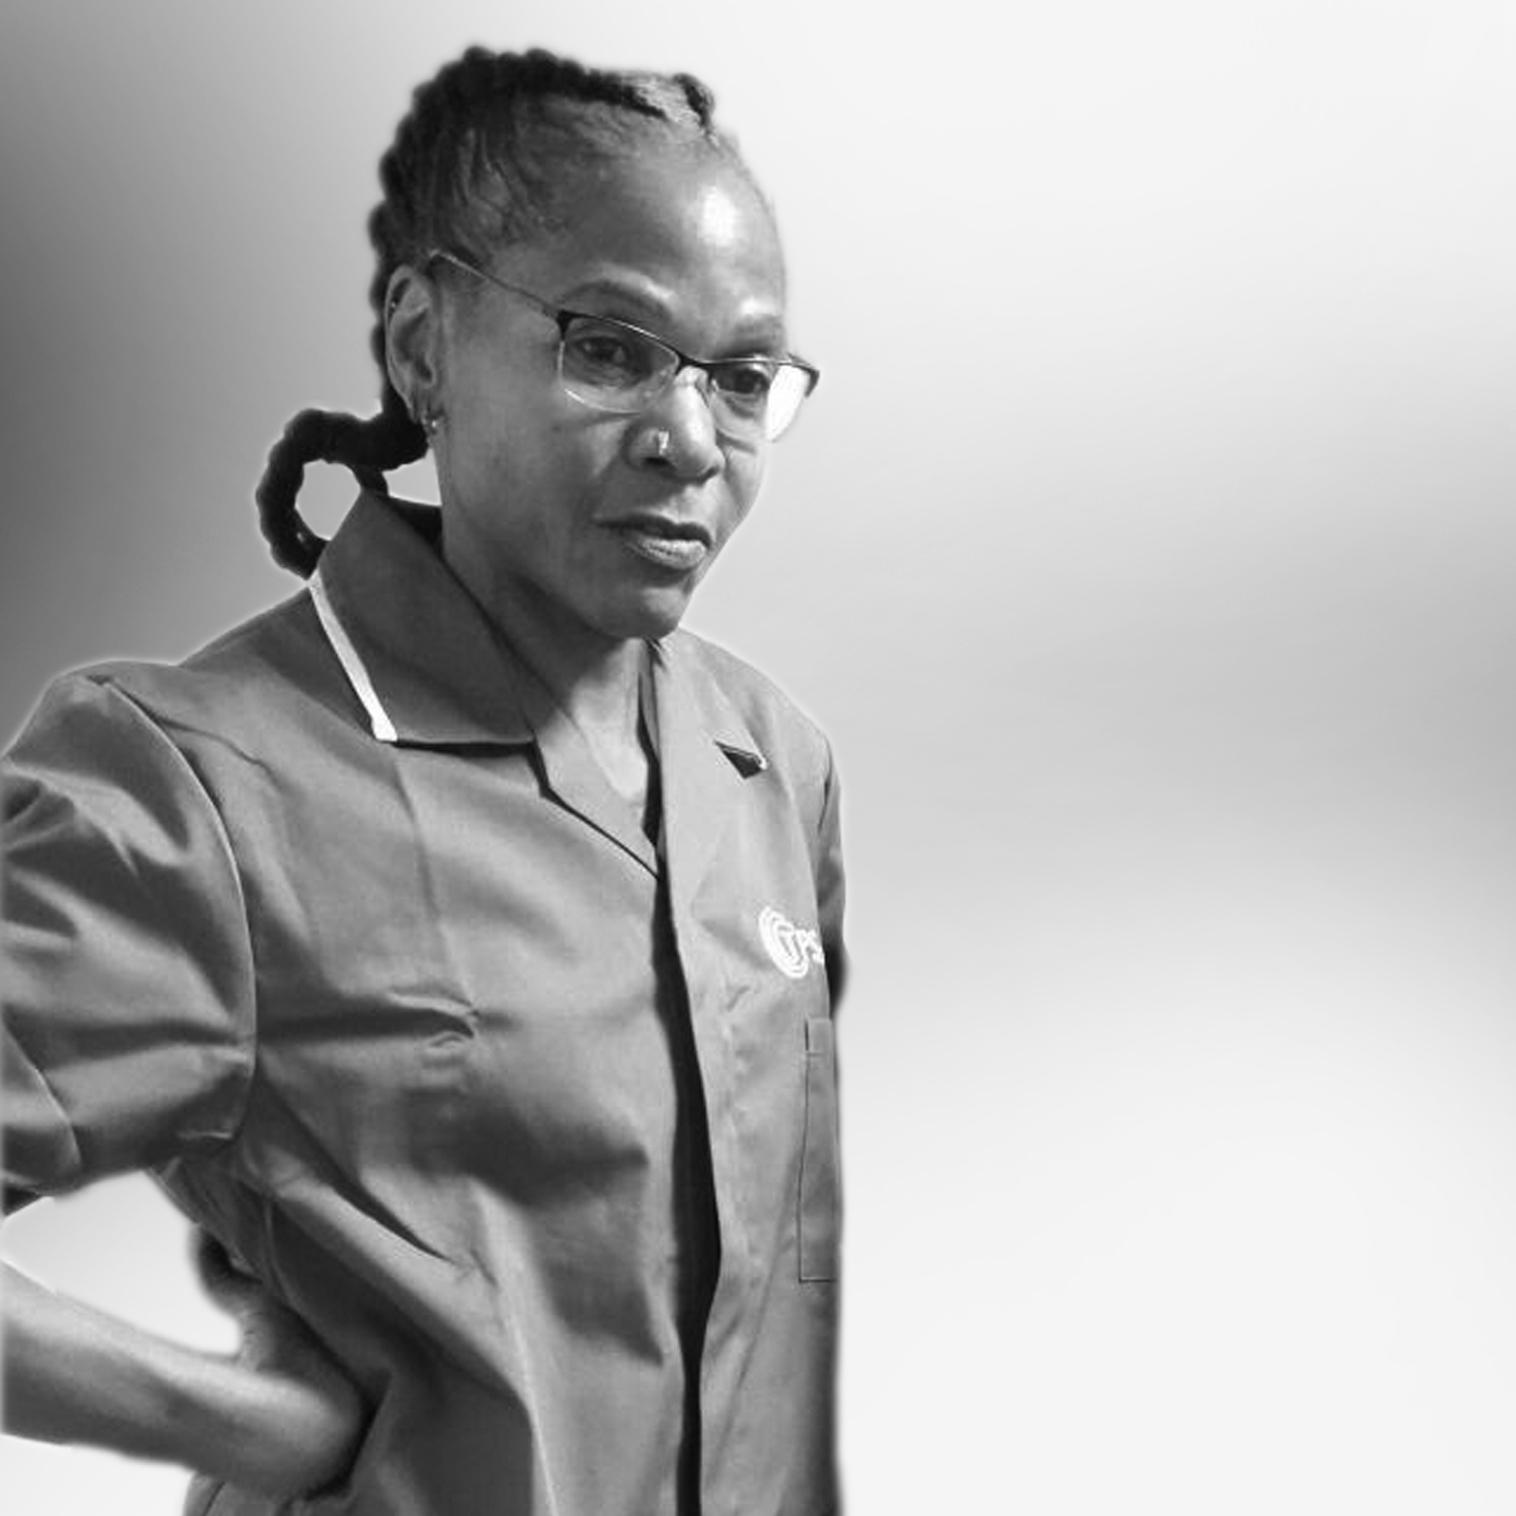 nurse2-profile